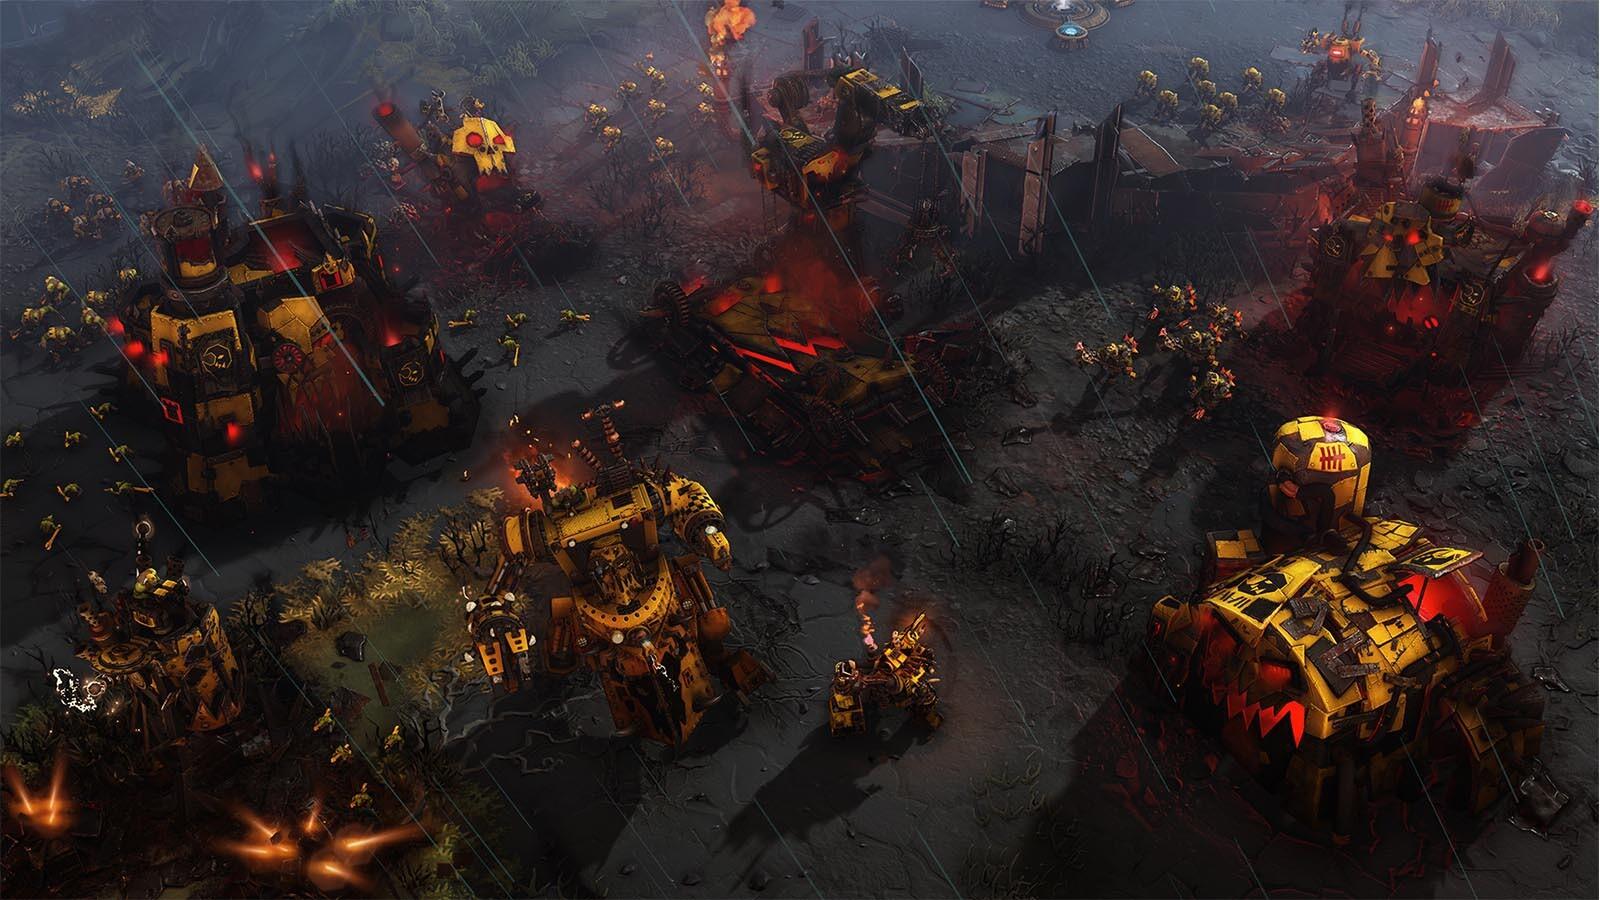 key warhammer 40 000 dawn of war